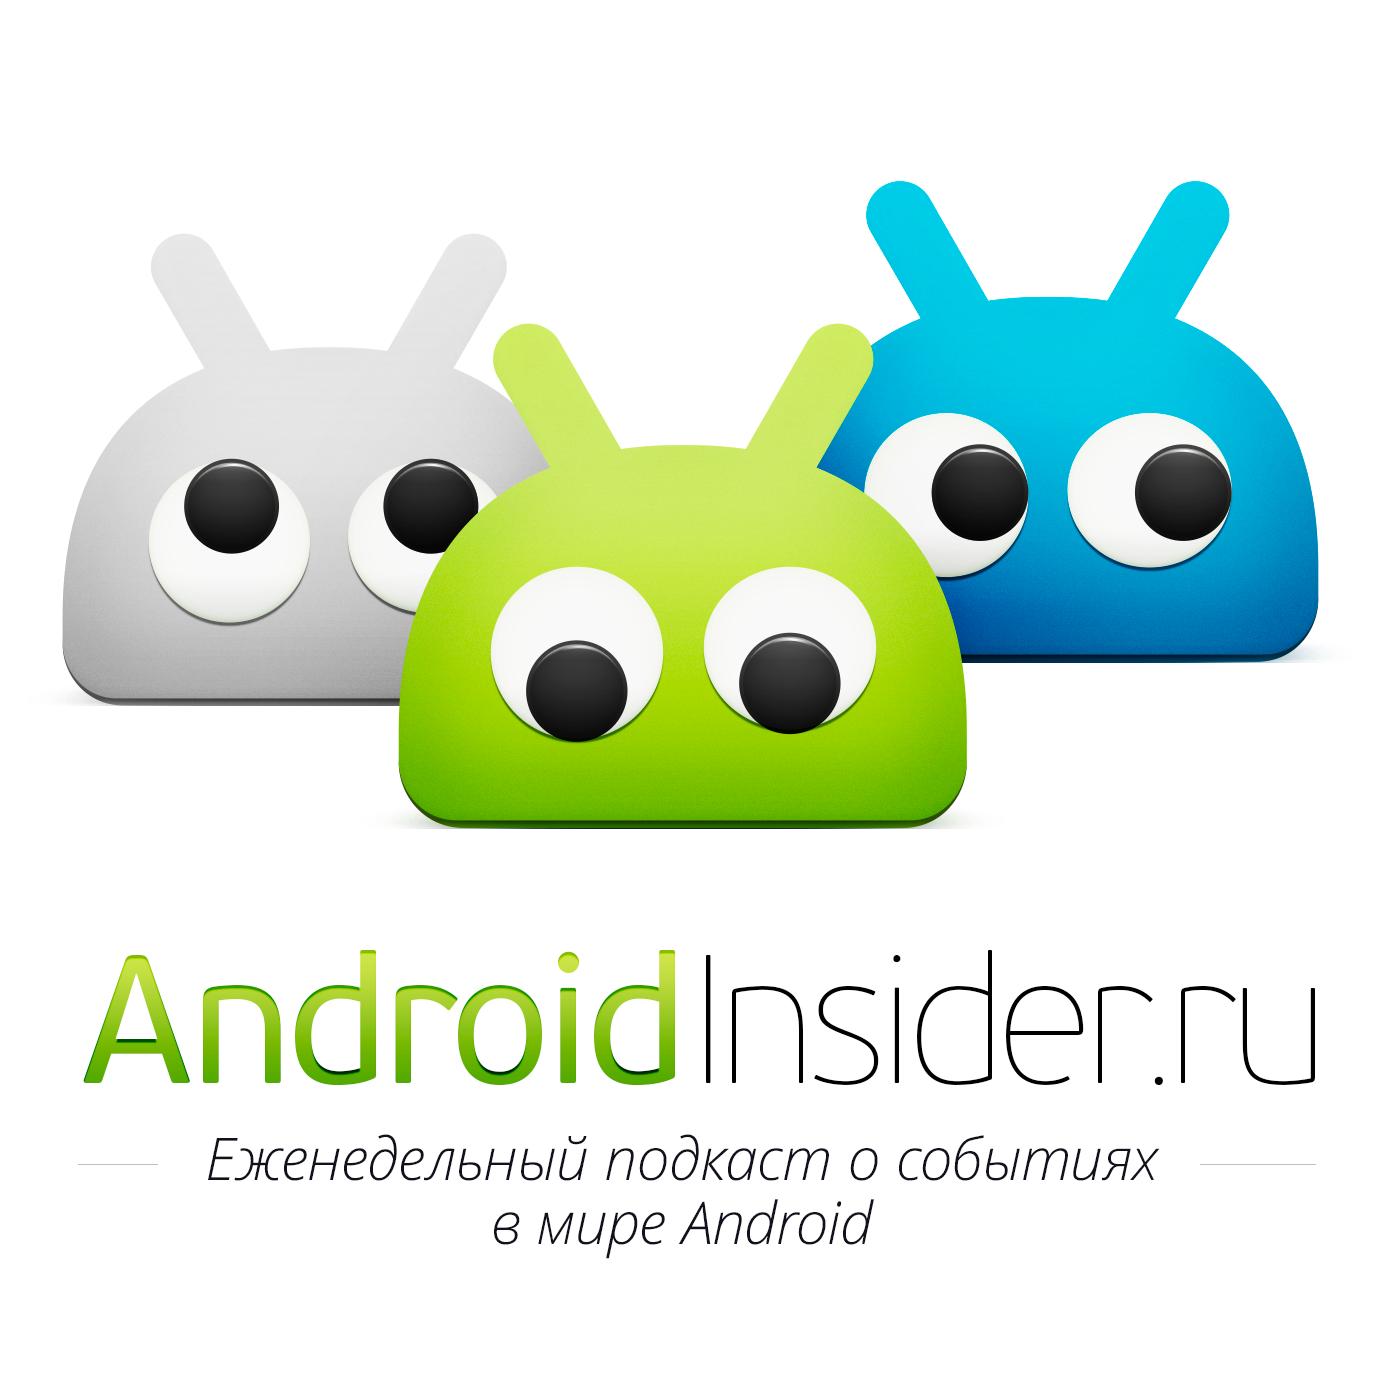 Илья Ильин Встречайте официальное приложение AndroidInsider.ru! илья ильин колите орехи смартфонами